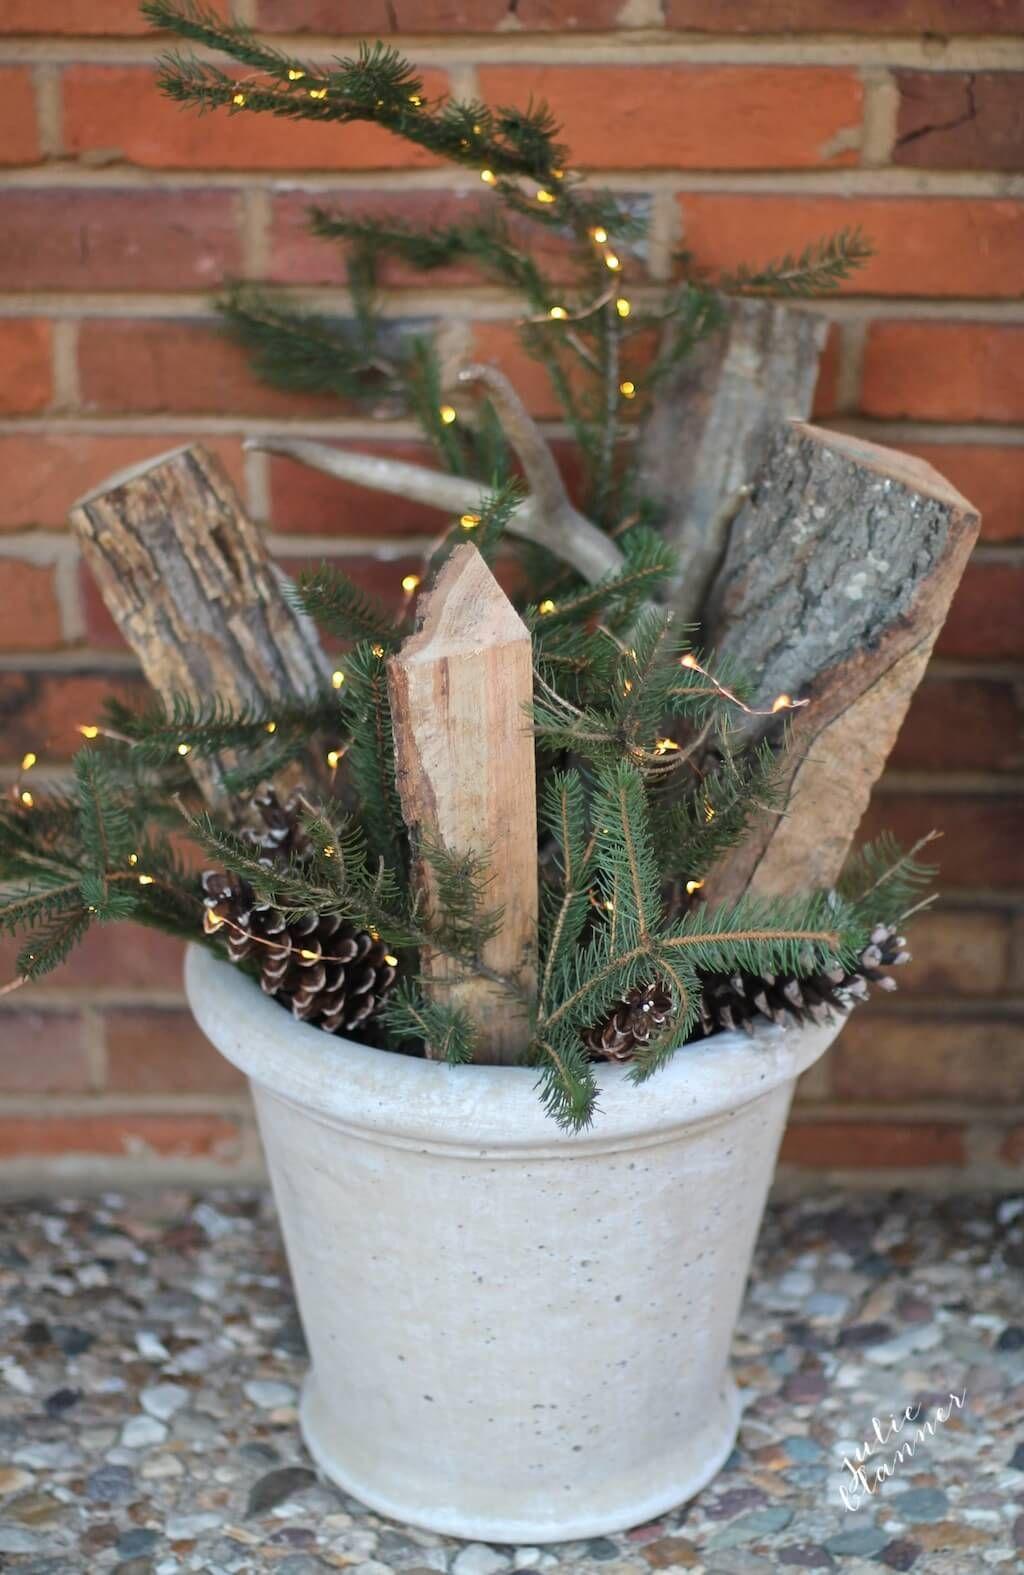 diy deko ideen - zu weihnachten den garten gestalten | diy deko, Wohnzimmer dekoo